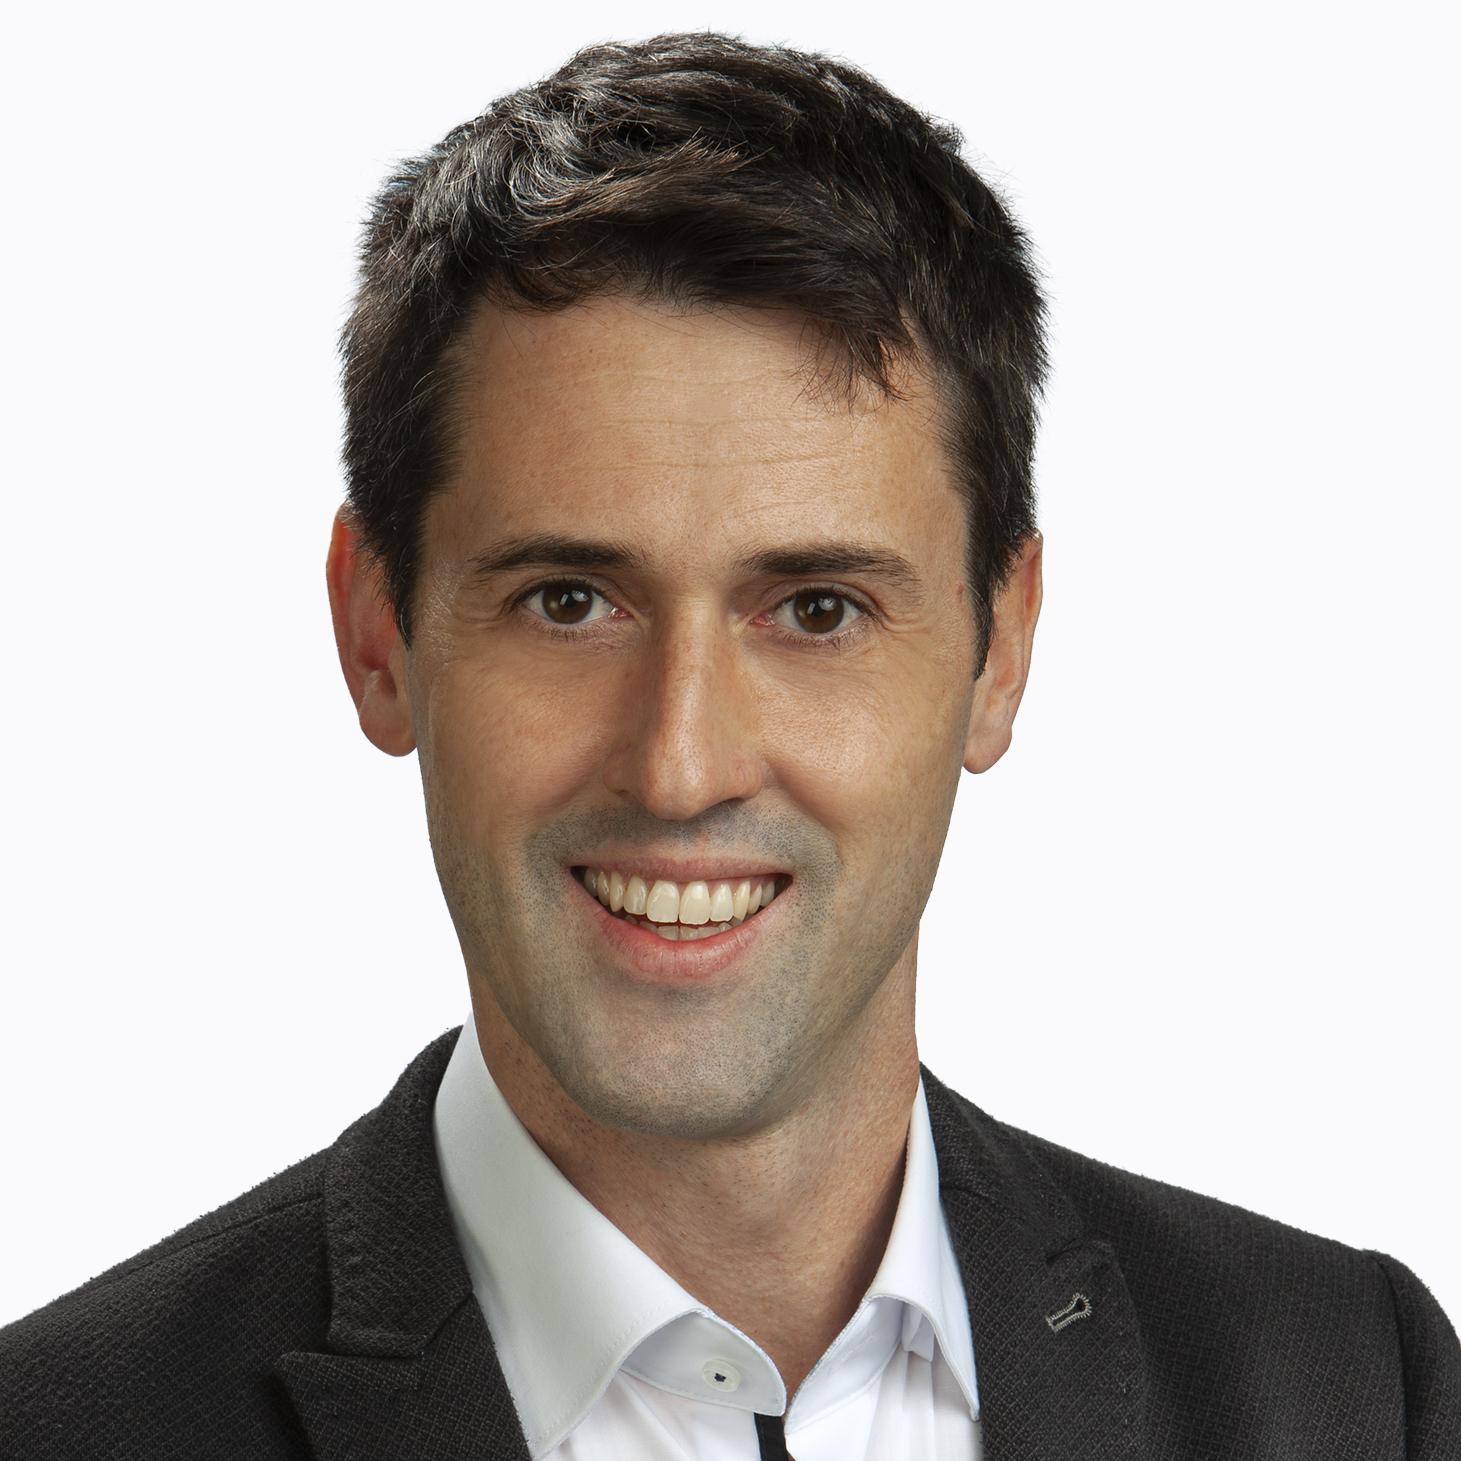 Andreas Kibler